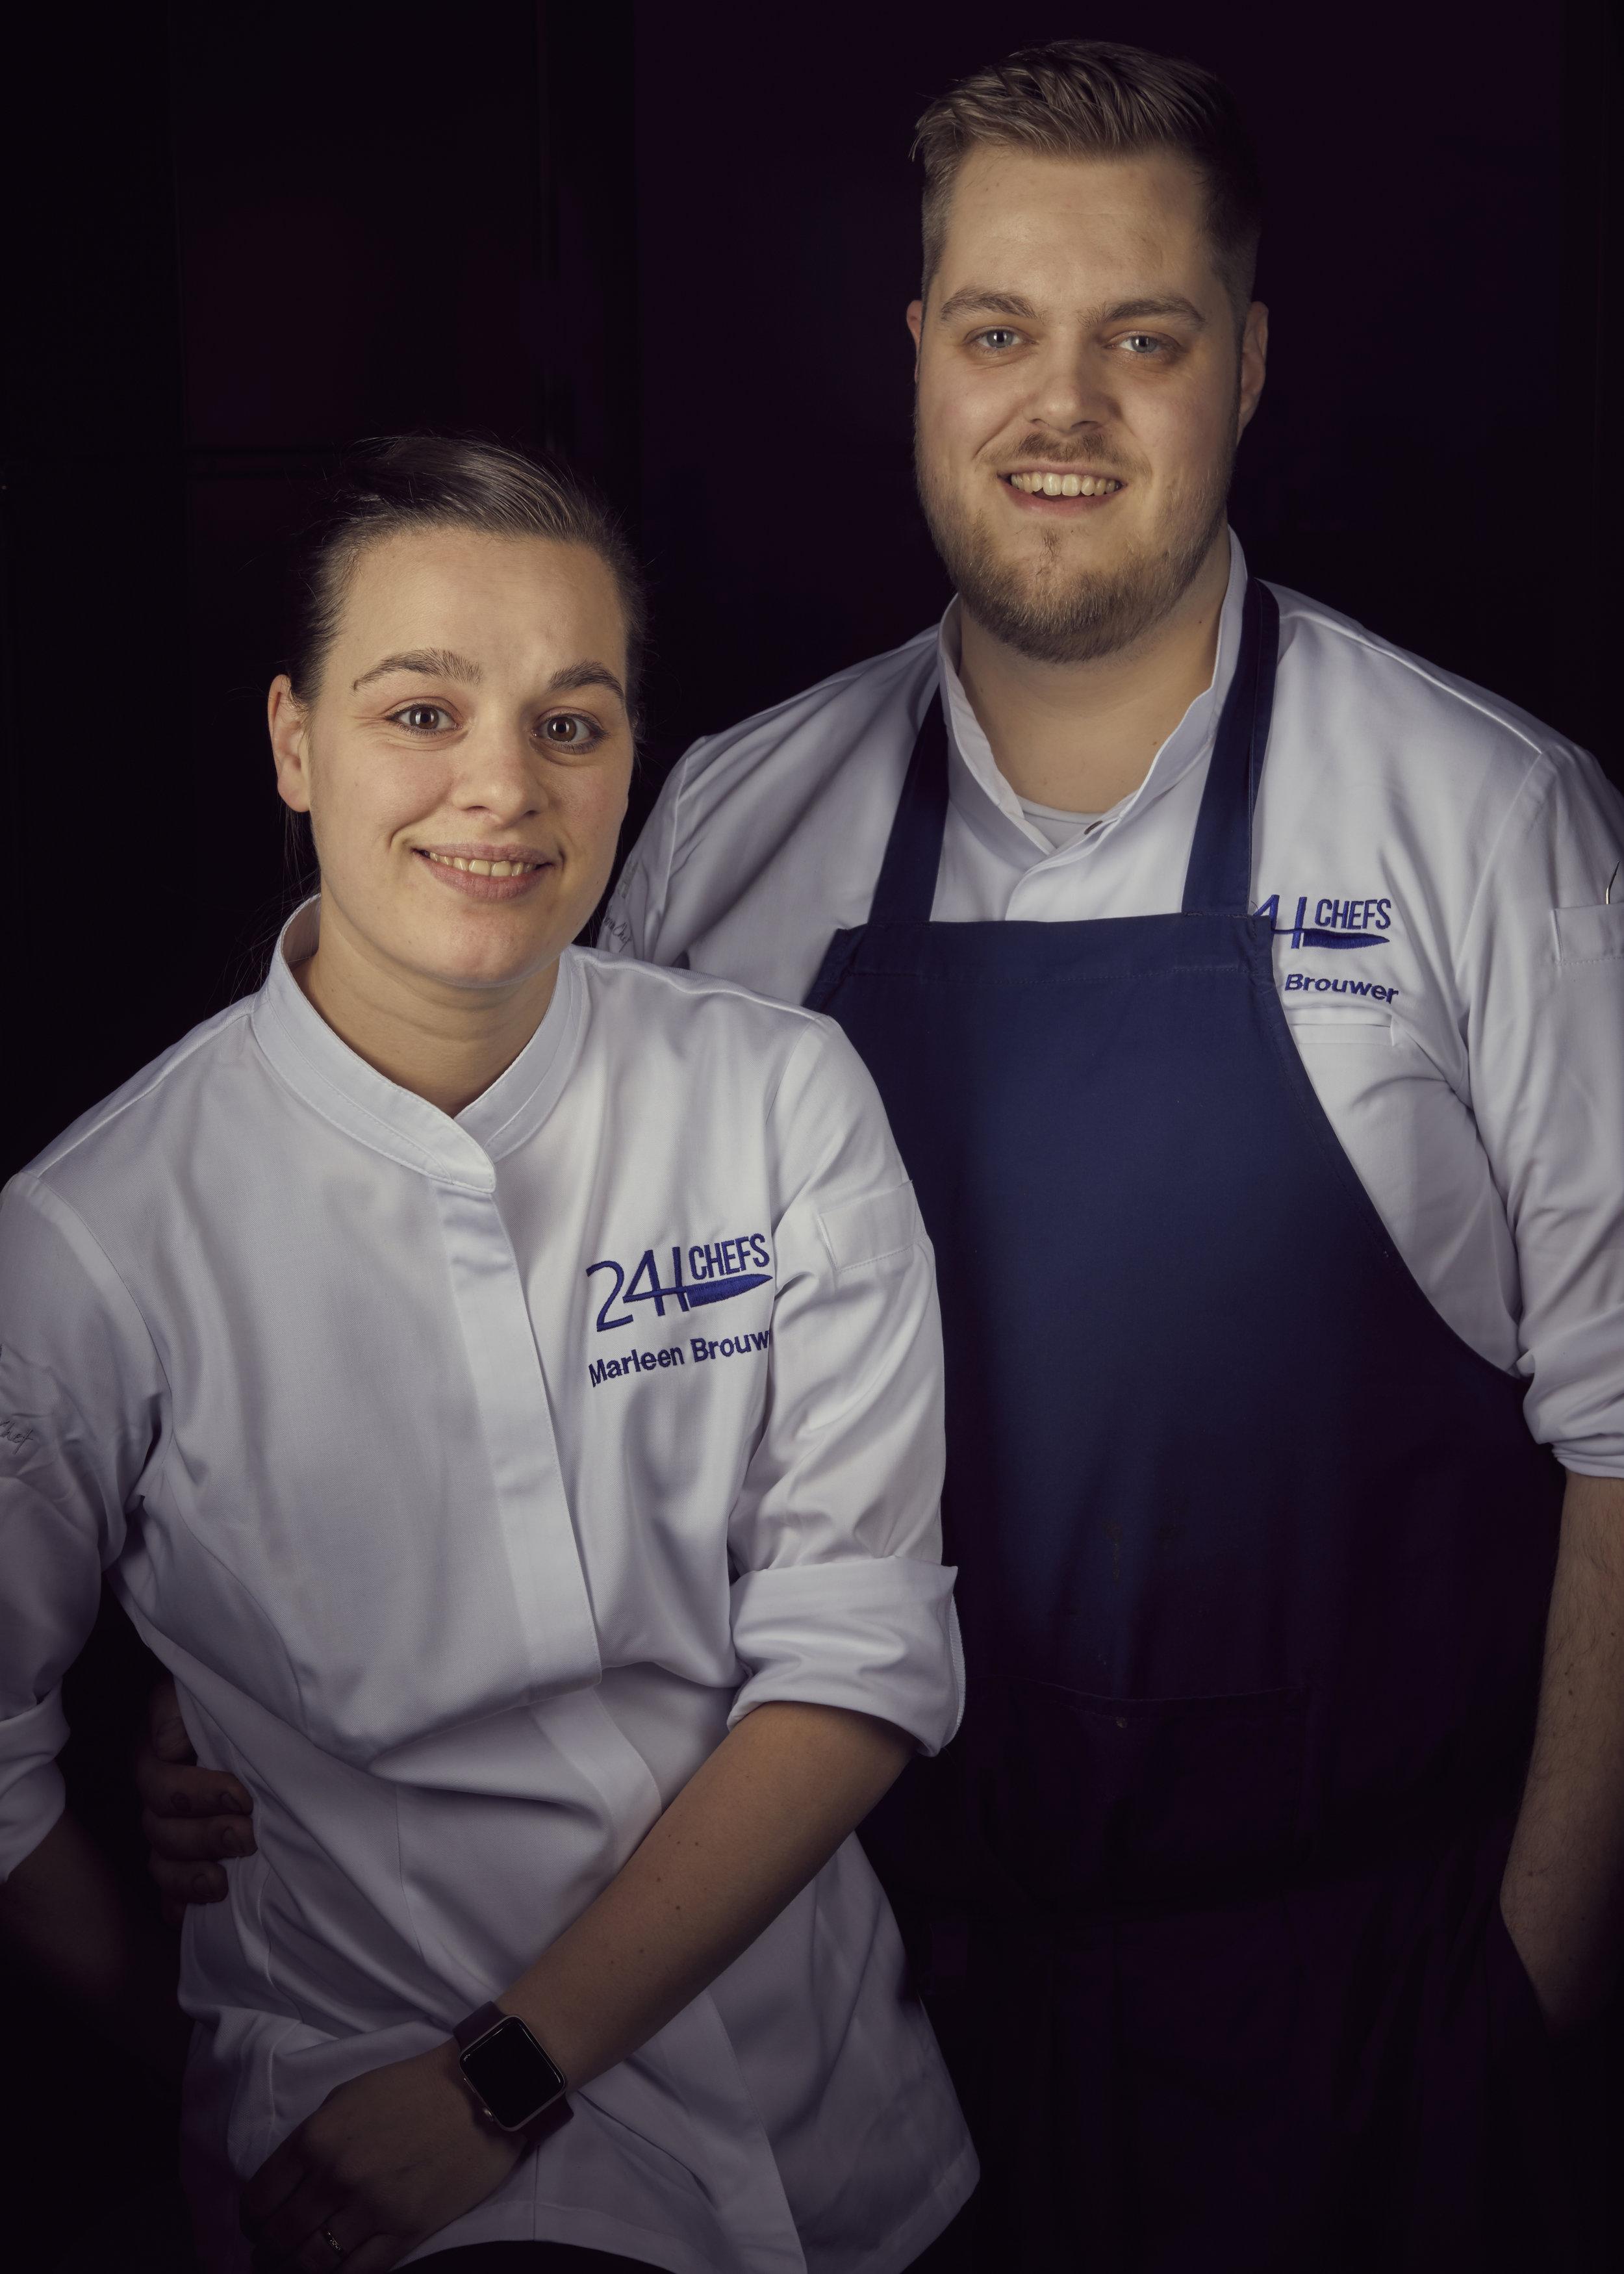 Chefs Jeroen & Marleen Brouwer (Rinze Vegelien).jpg